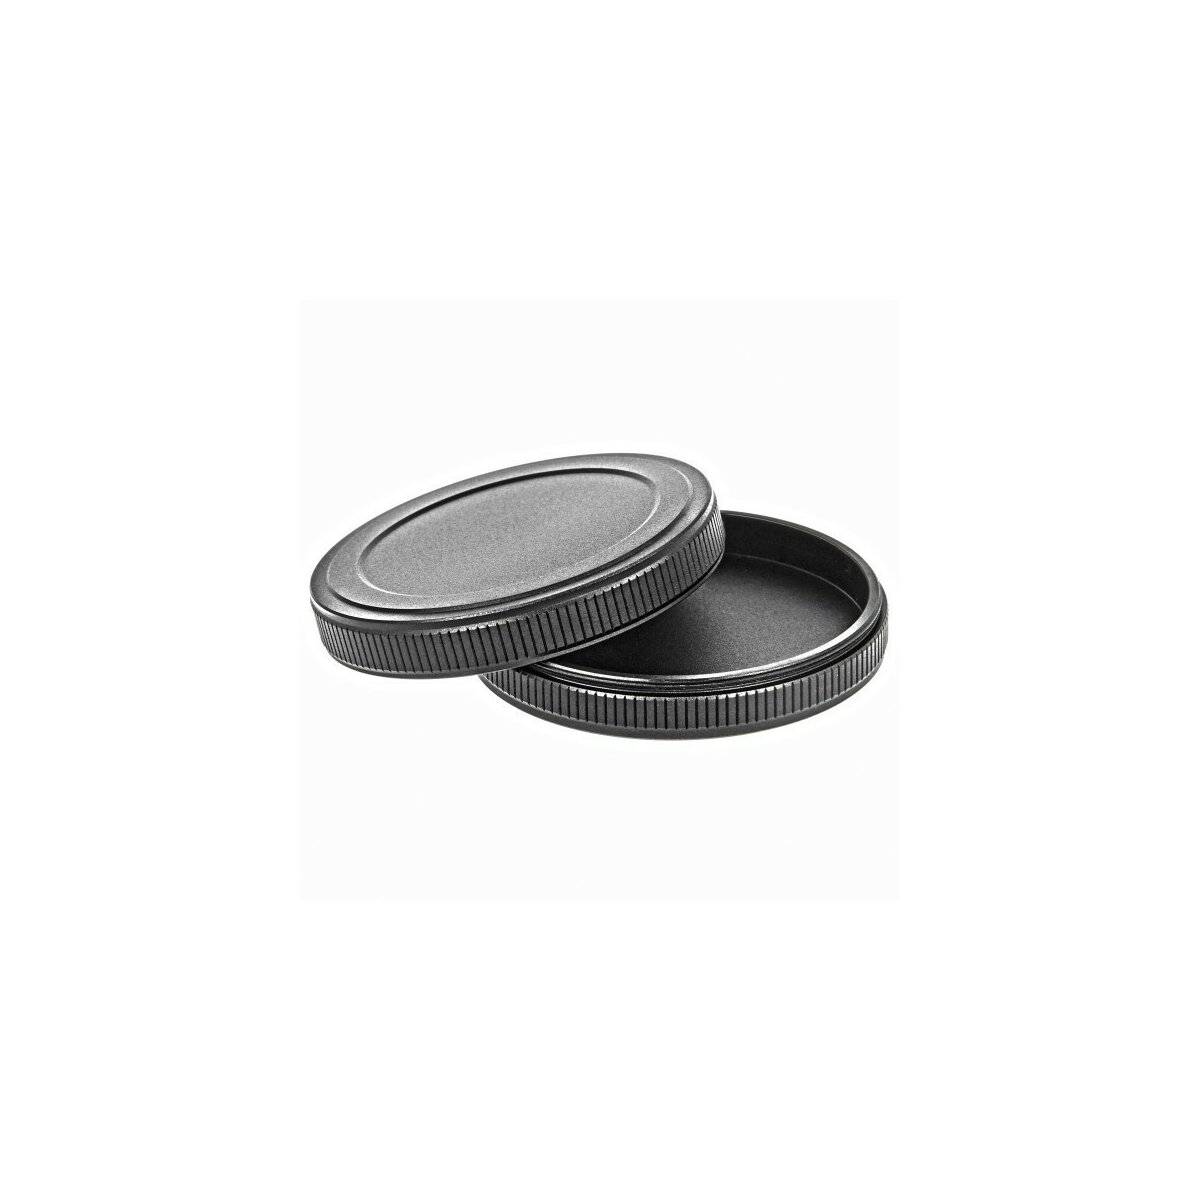 Aluminium Filter-Schutzdeckel / Schraub-Filterkappen fuer 49mm Filter - JJC SC-49